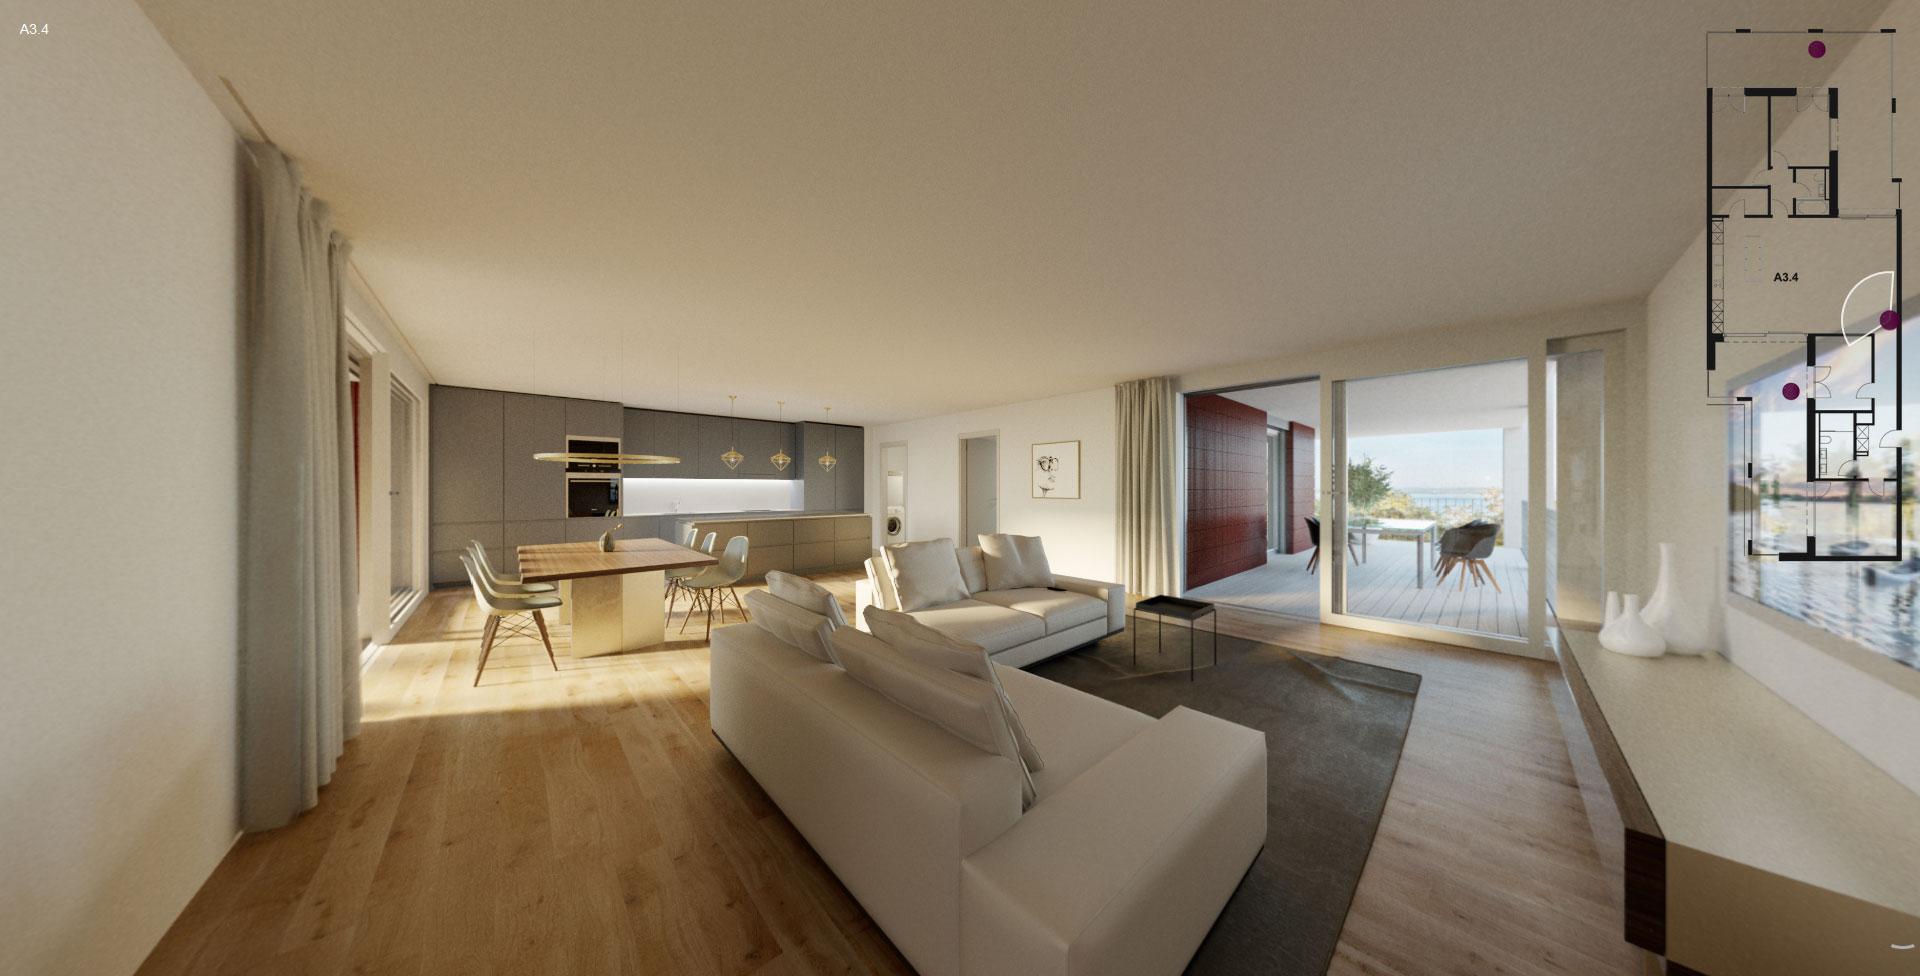 Wohnung A3.4